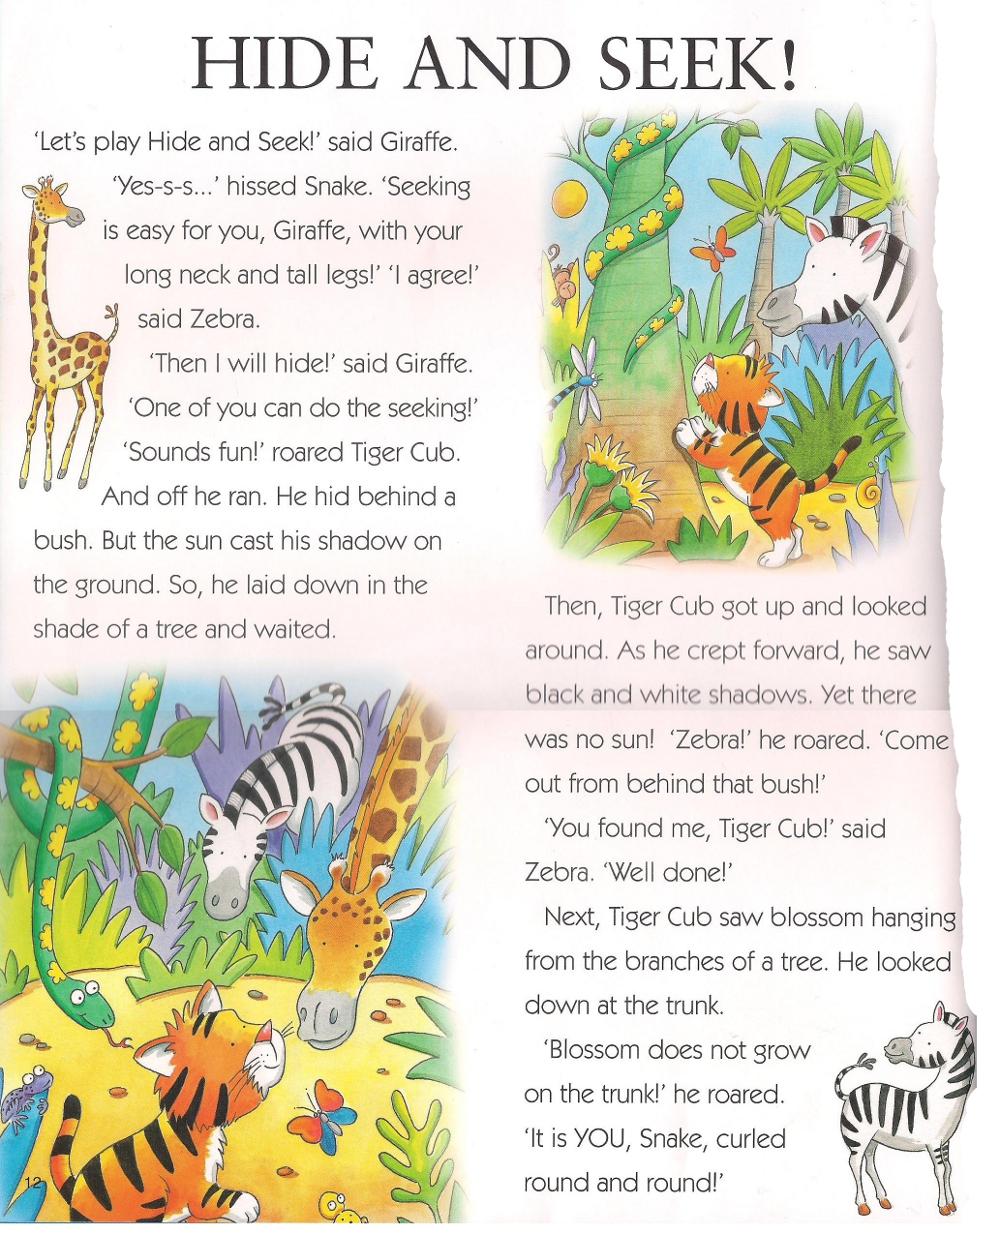 английский язык детям, рассказы на английском языке для детей